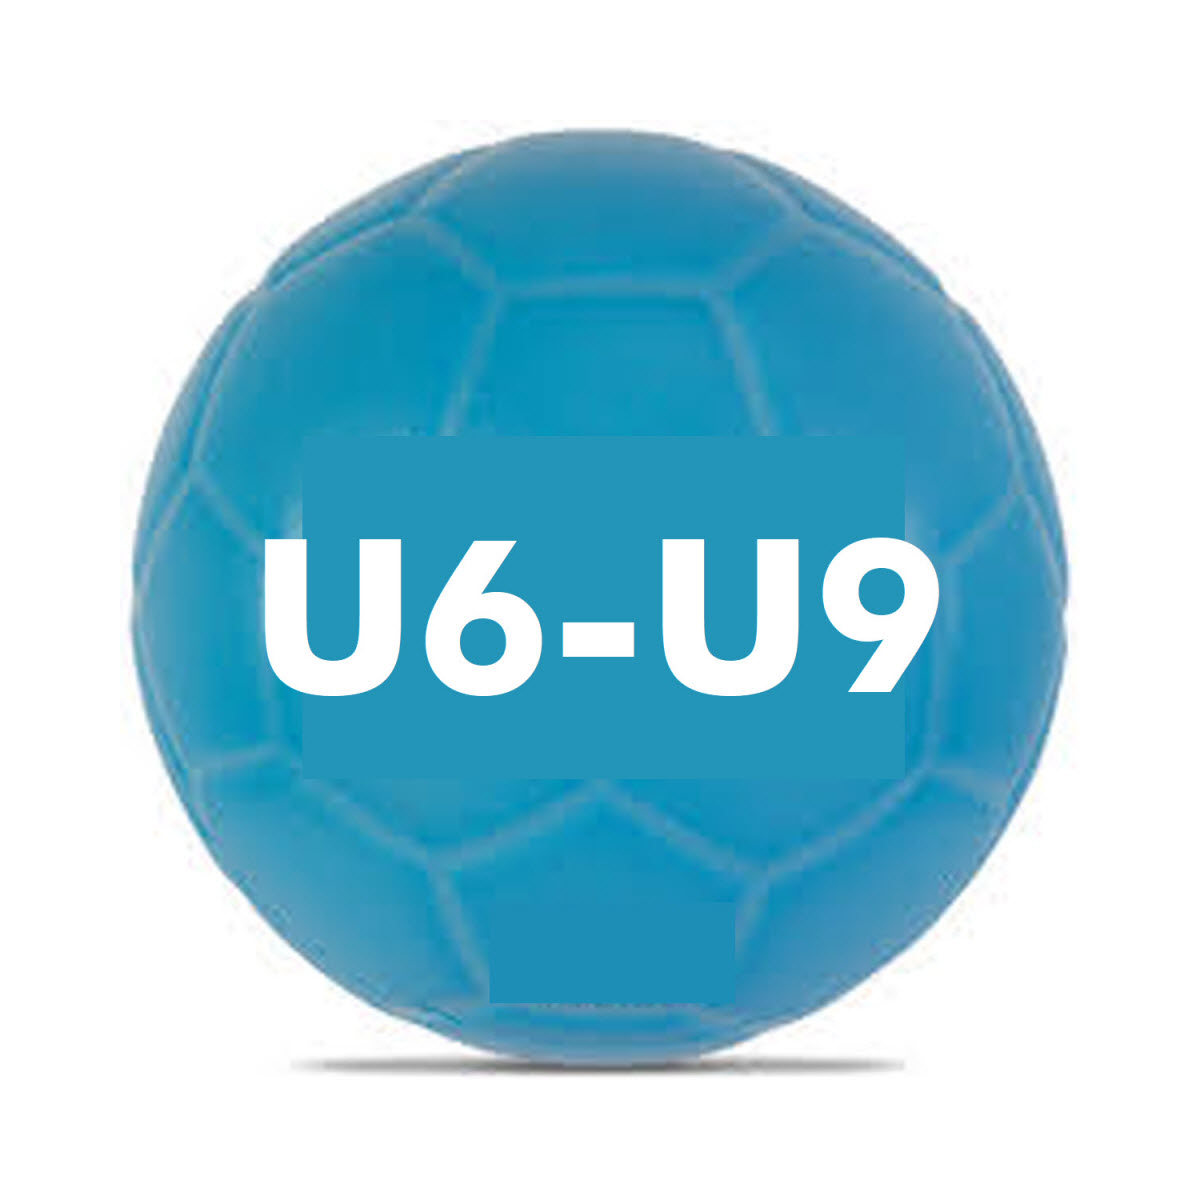 U6-U8 boldt